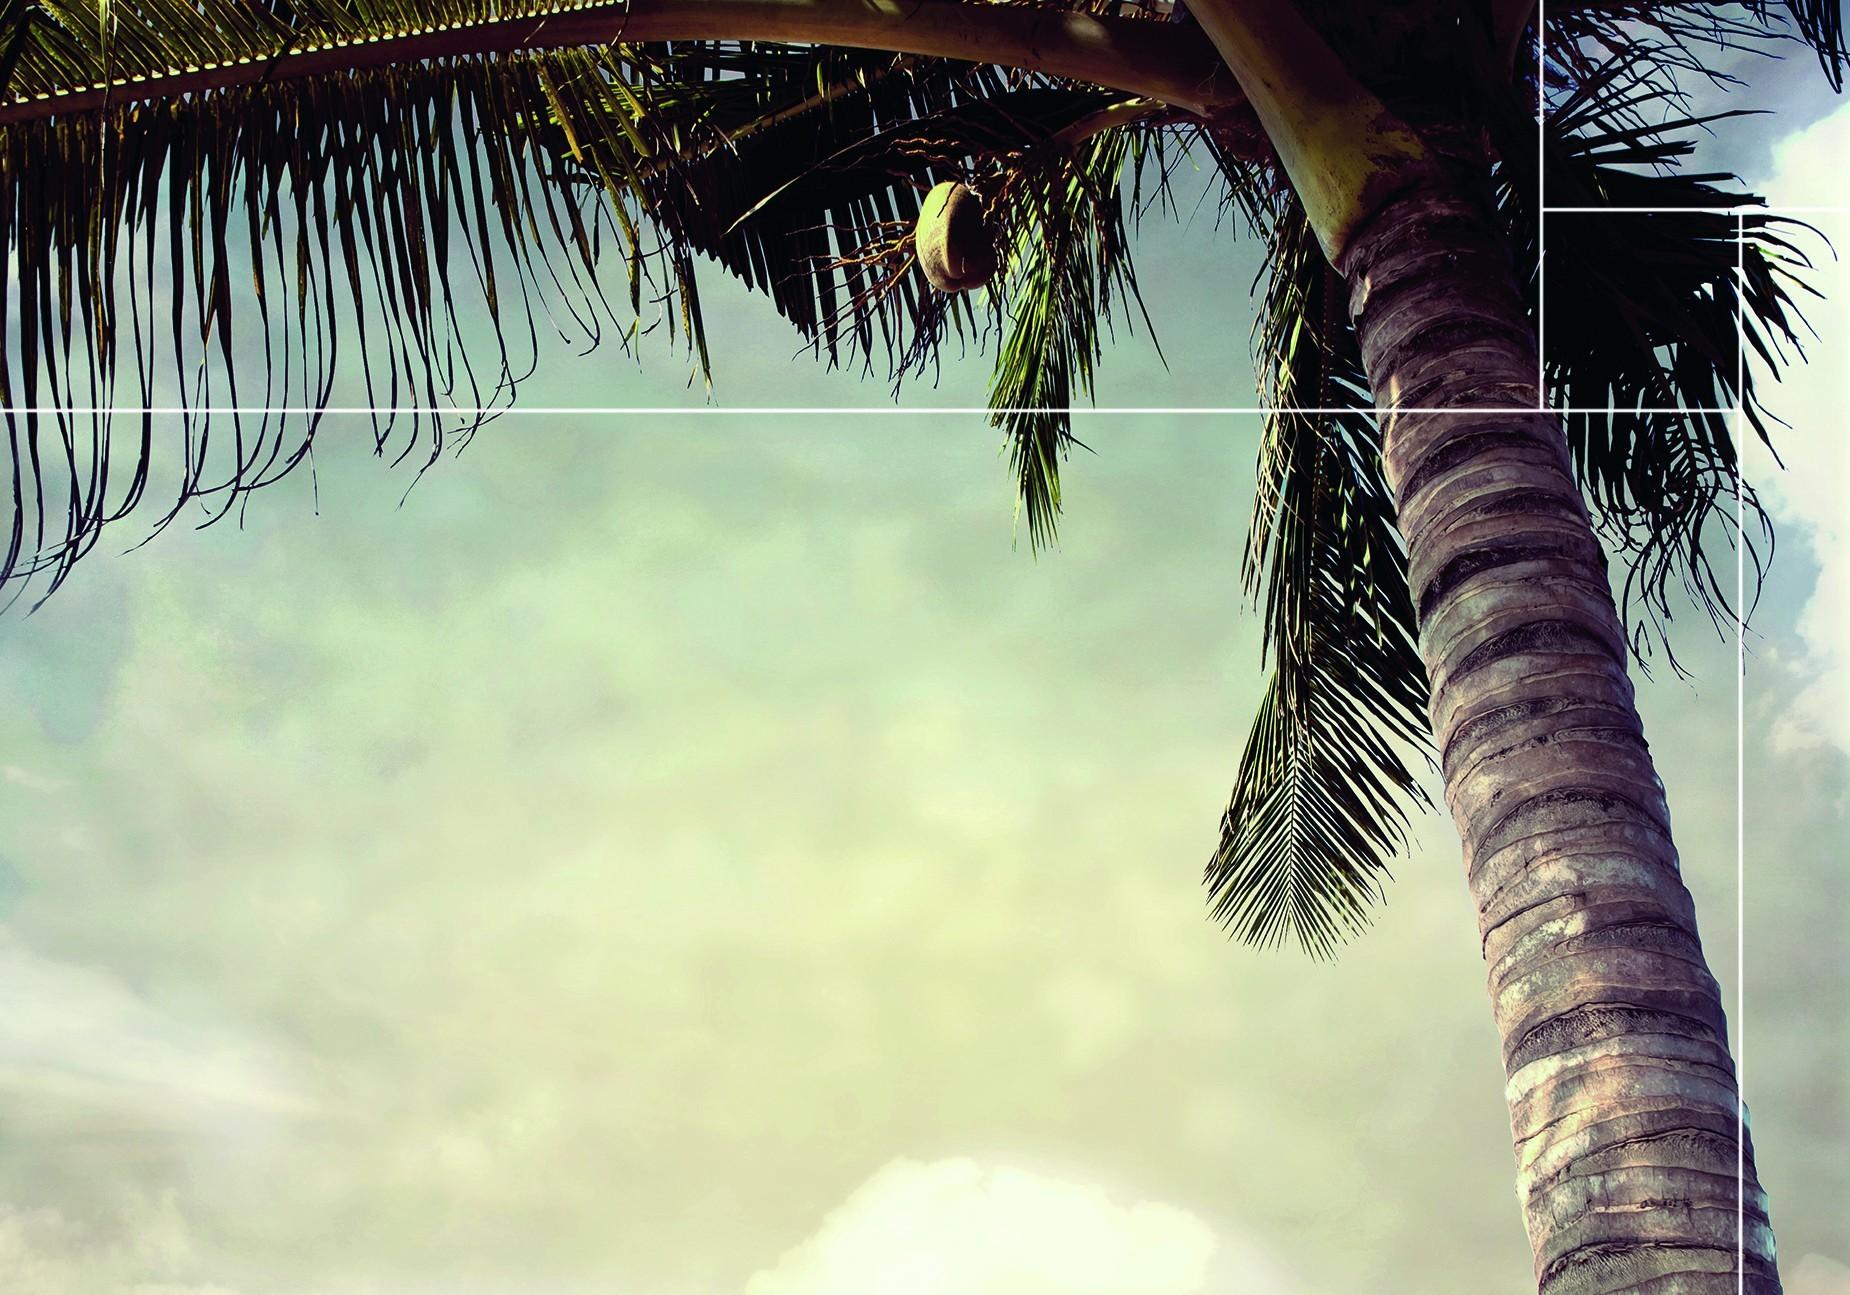 Bekijk hier de wall panels van de Boracay Beach collectie |Nature@home